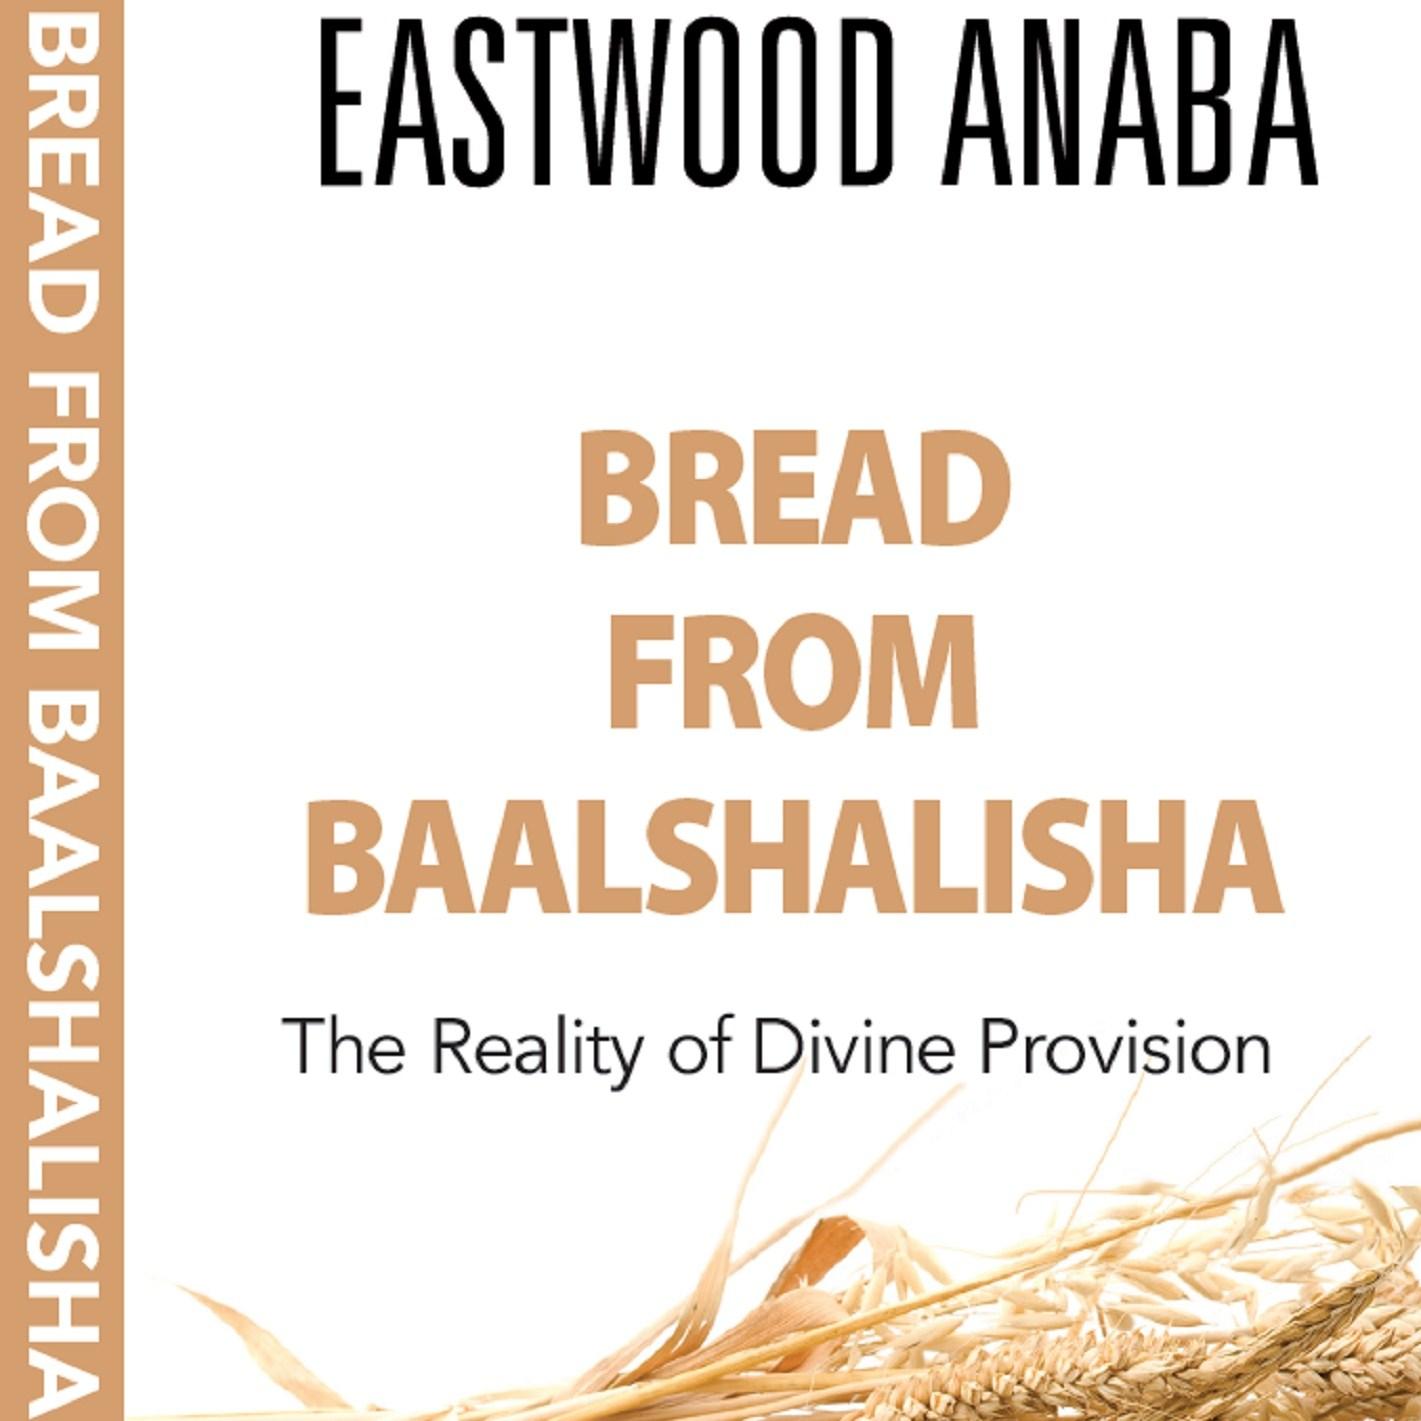 Bread From Baalshalisha PB - Eastwood Anaba